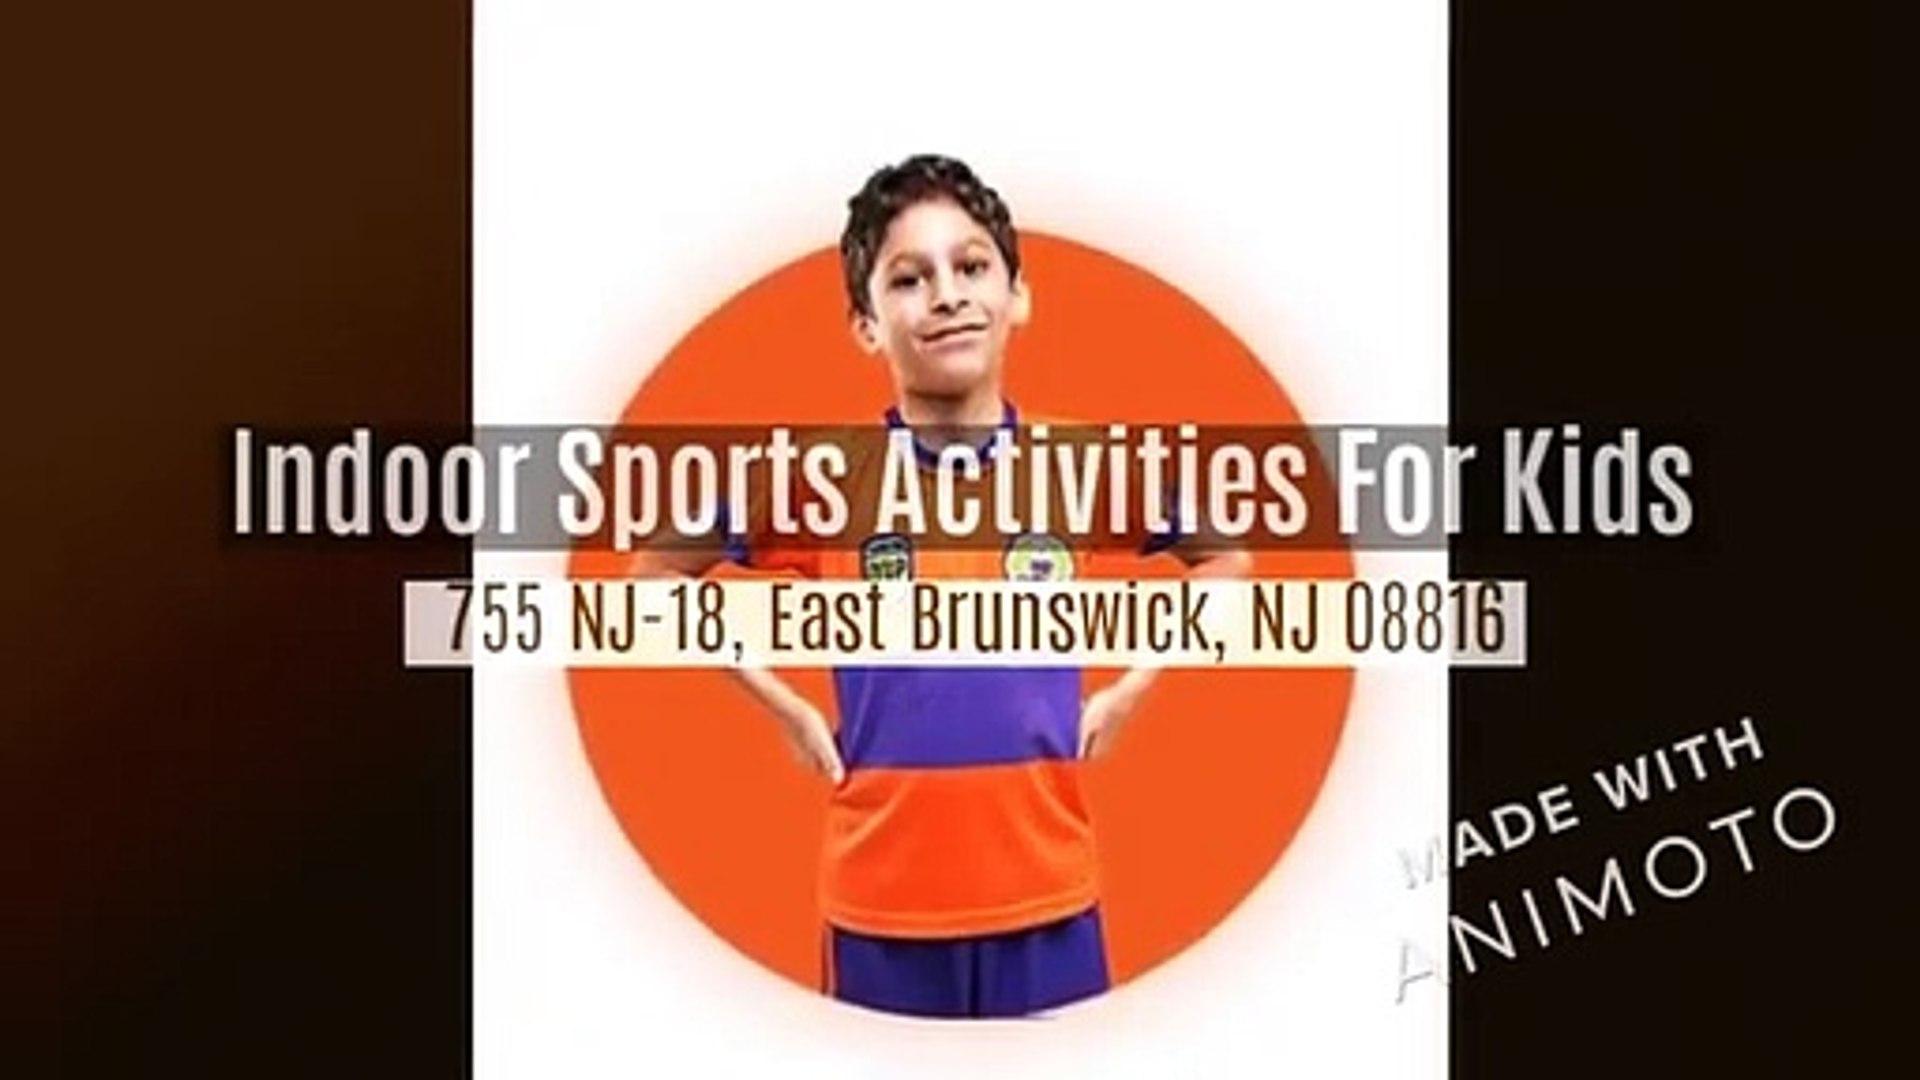 Indoor Sports Activities For Kids